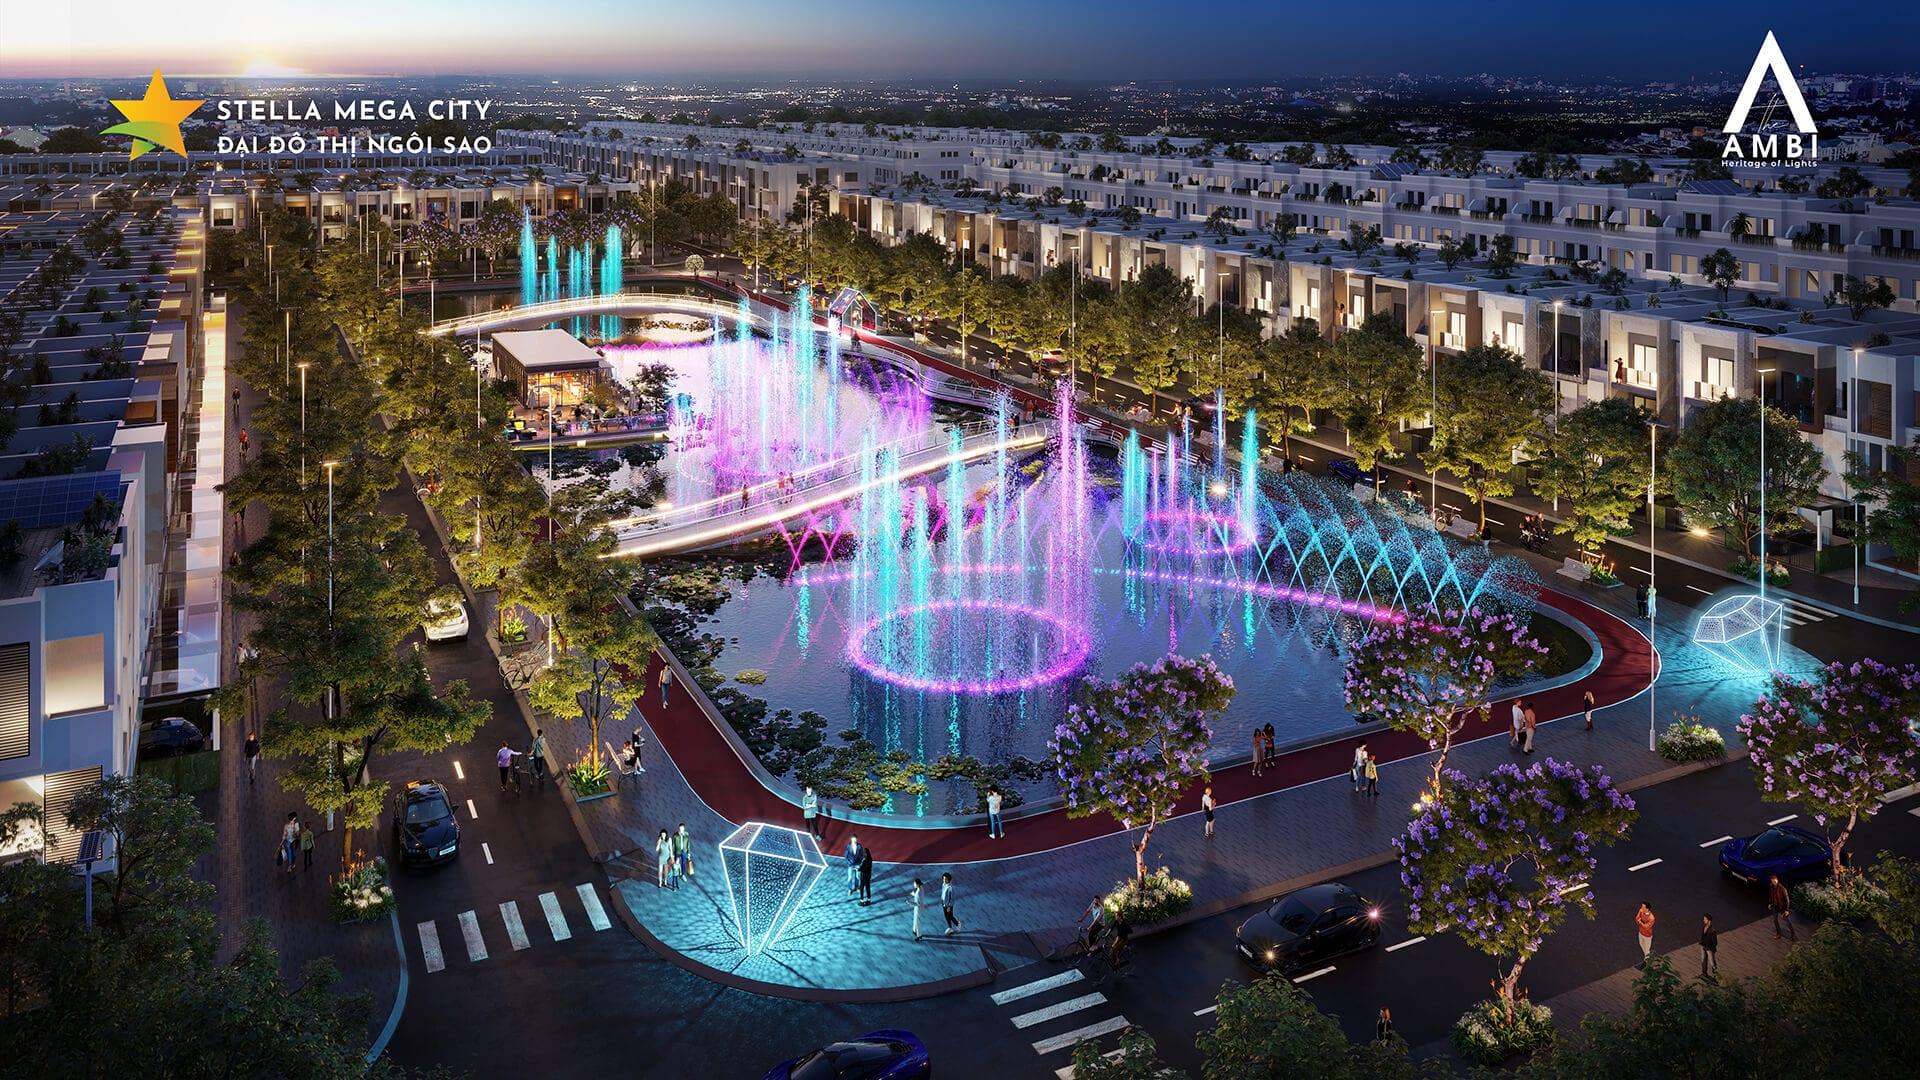 Hồ ánh sáng và công viên nhạc nước đầu tiên tại Cần Thơ